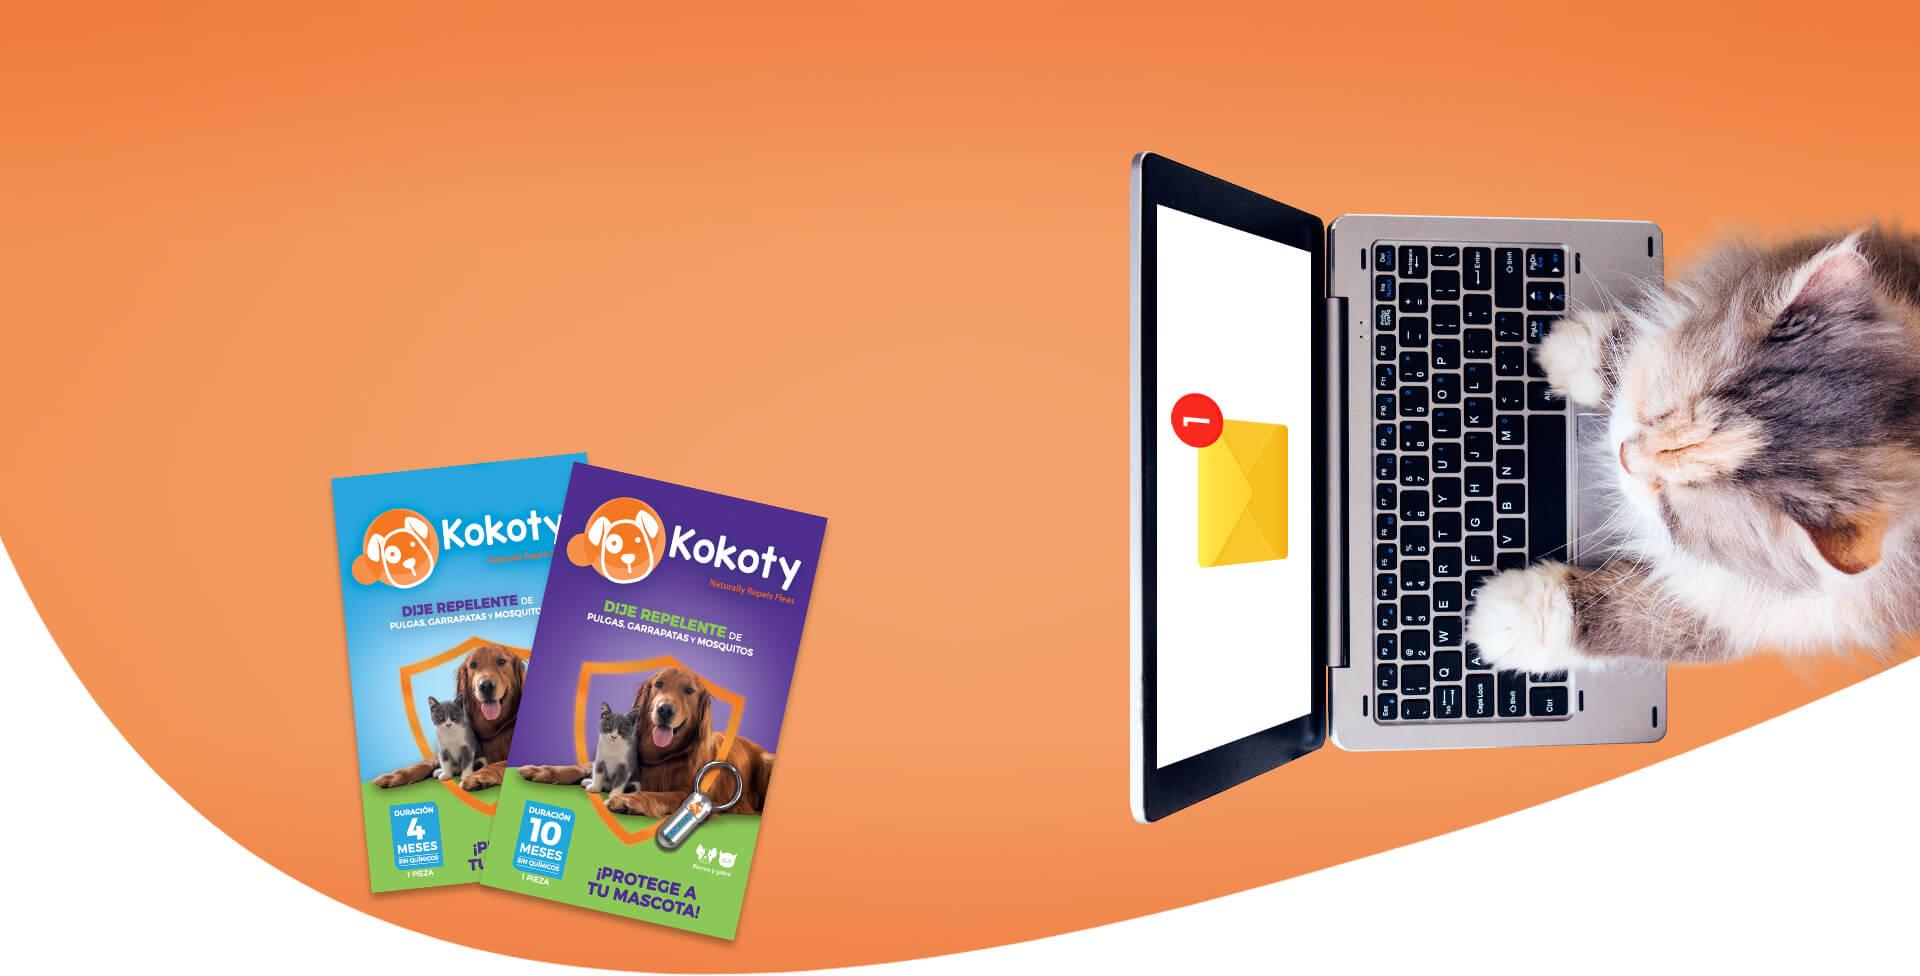 banner-kokoty-contacto-desktop